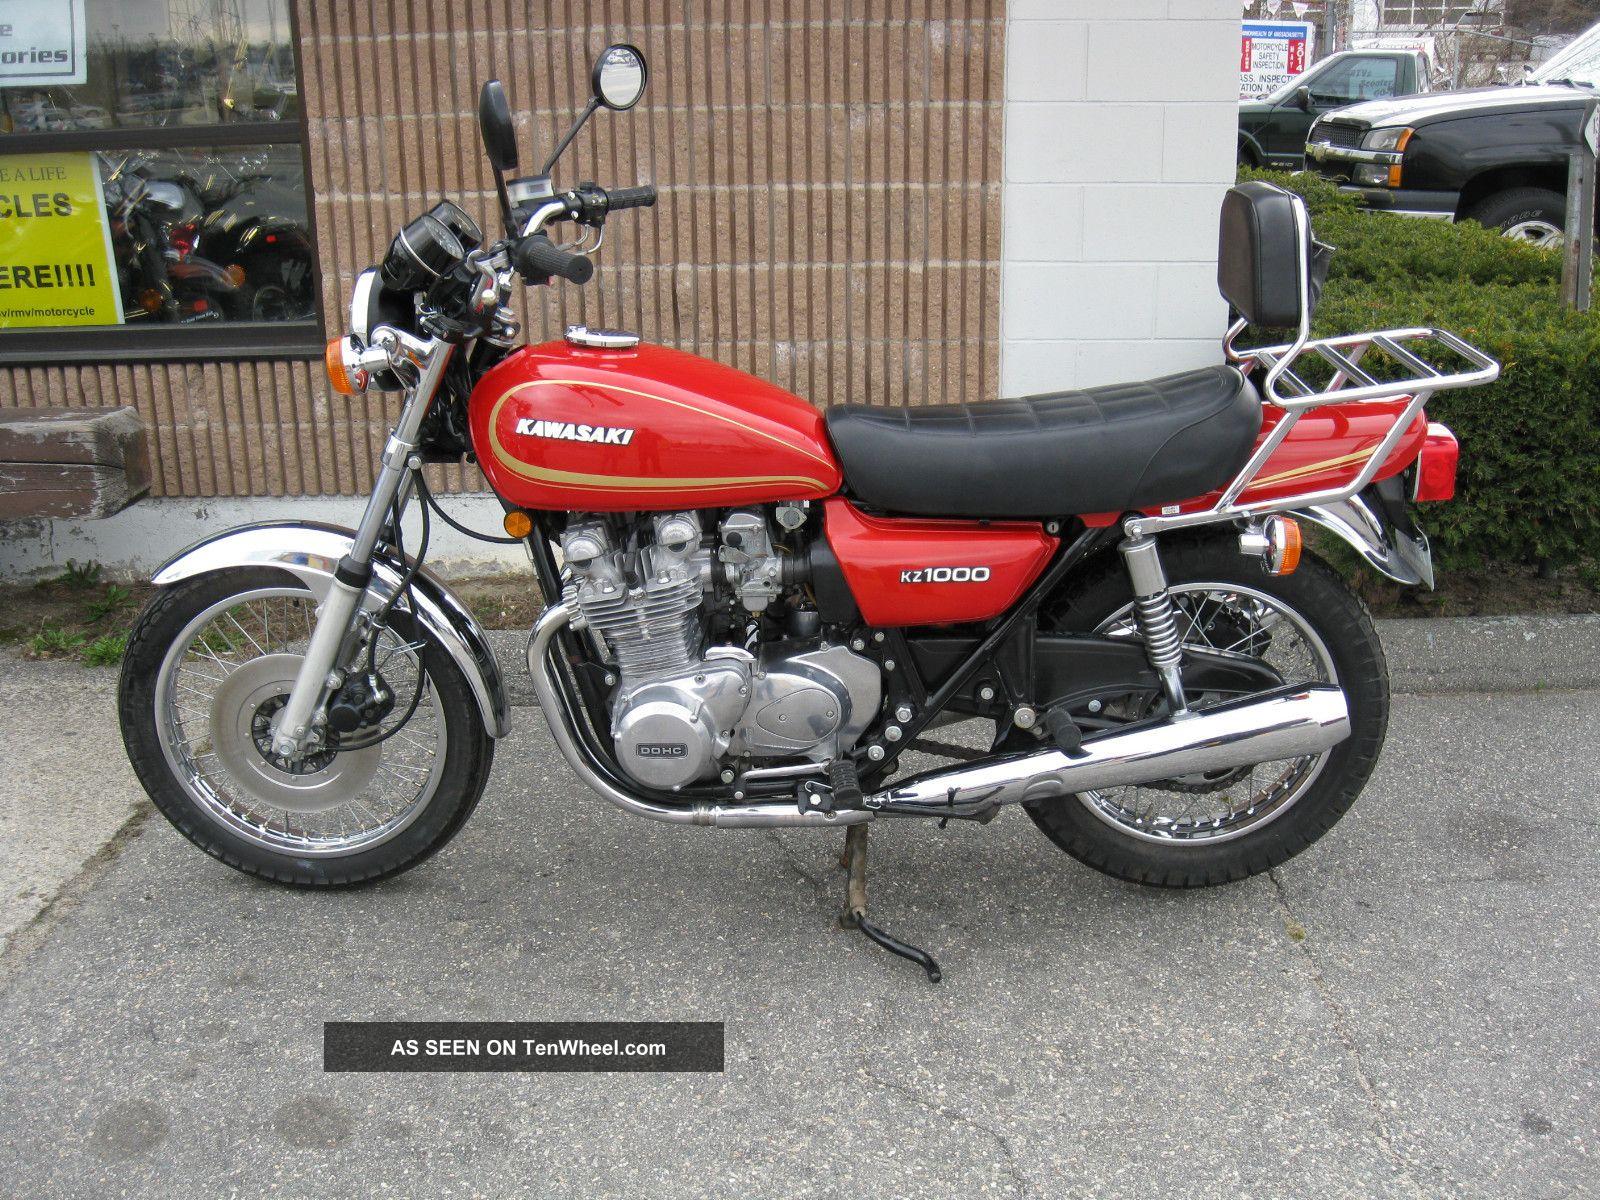 1978 Kawasaki Kz1000a Bike Other photo